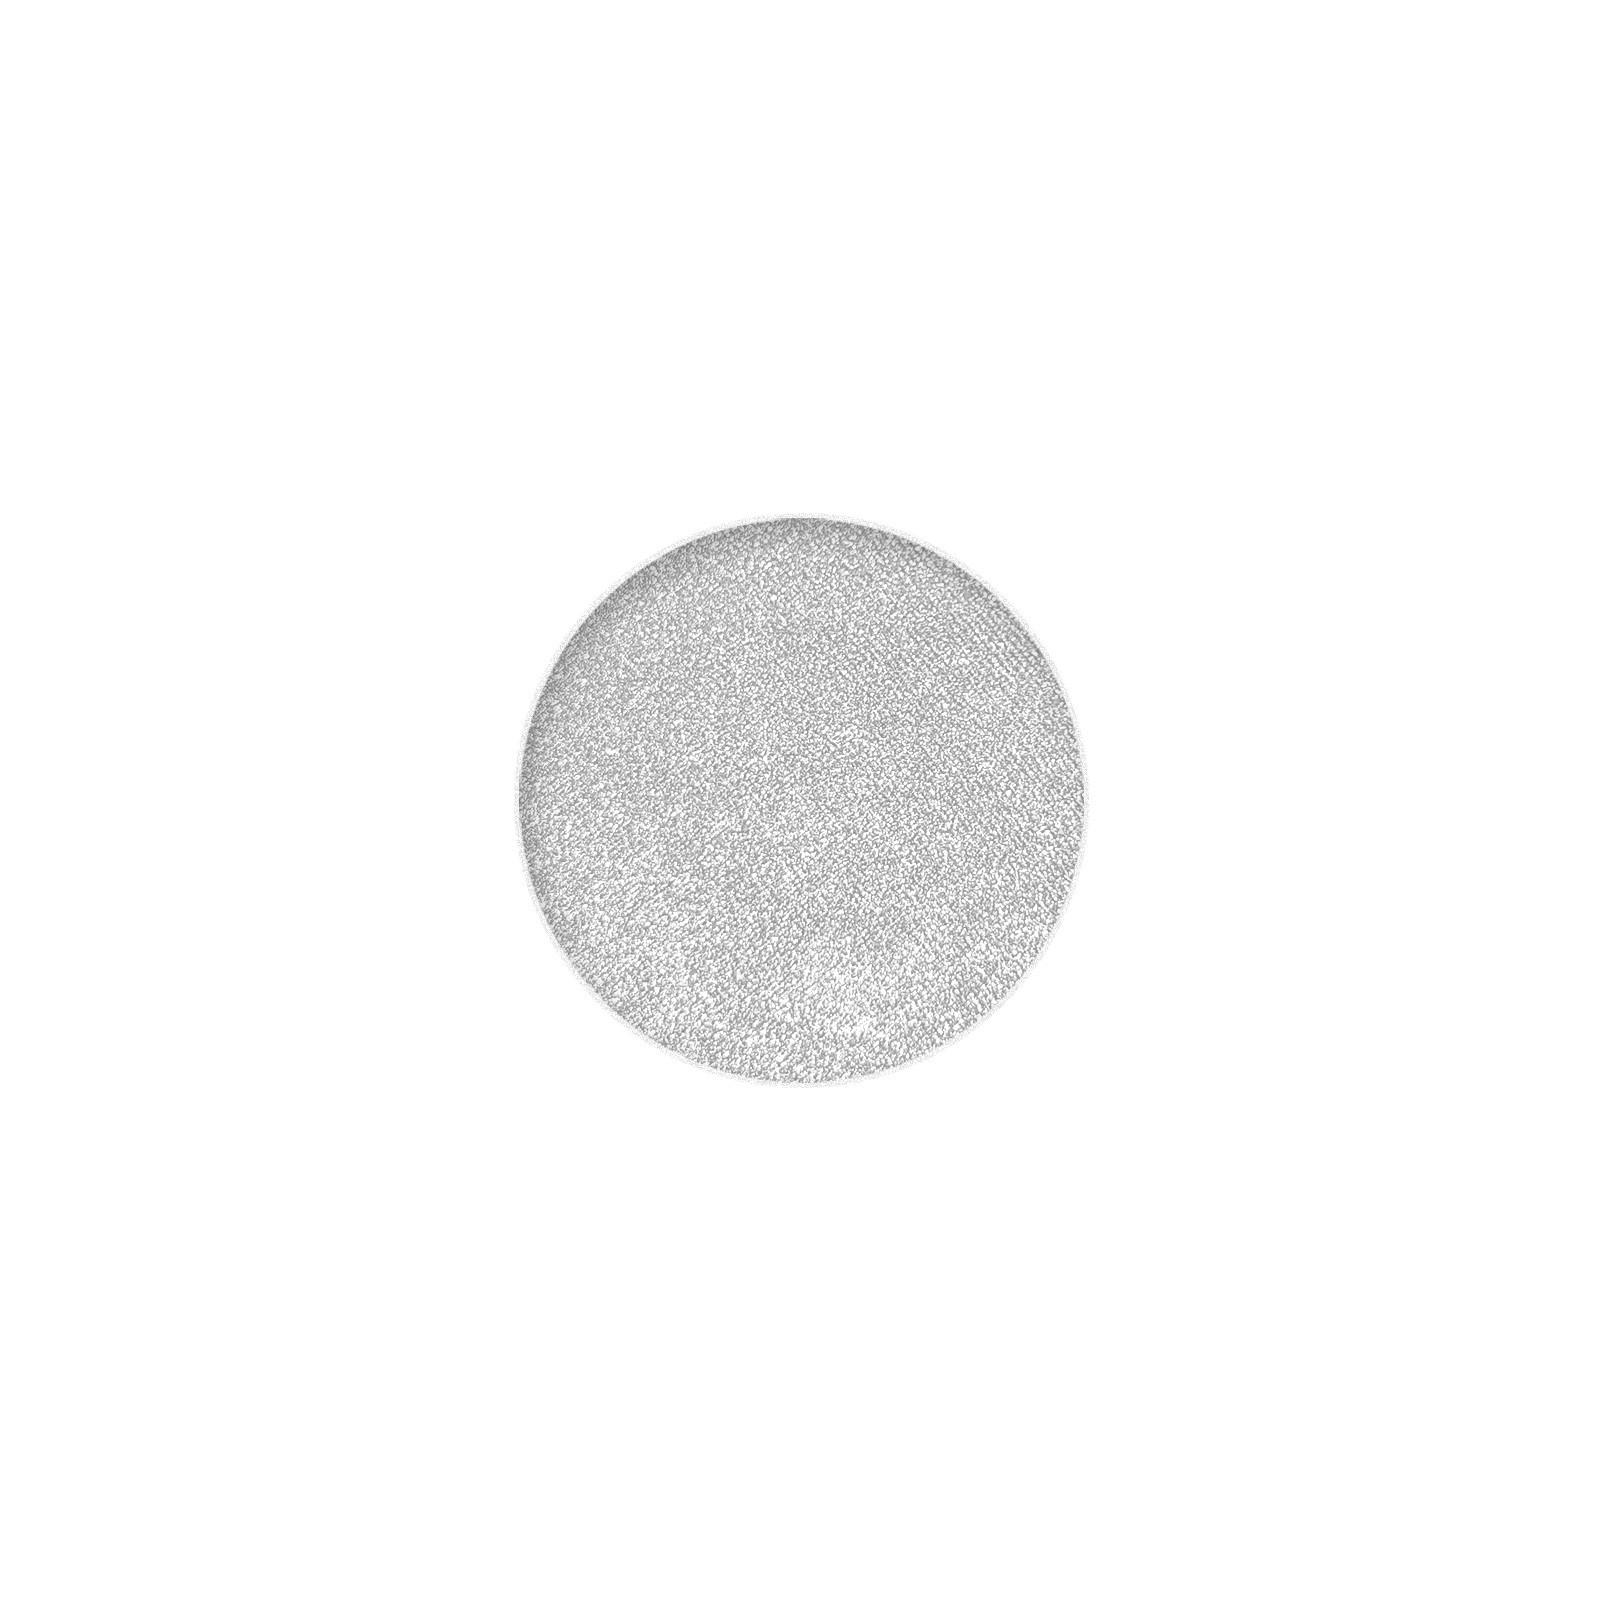 Sombra Mineral Unitária Refil 22